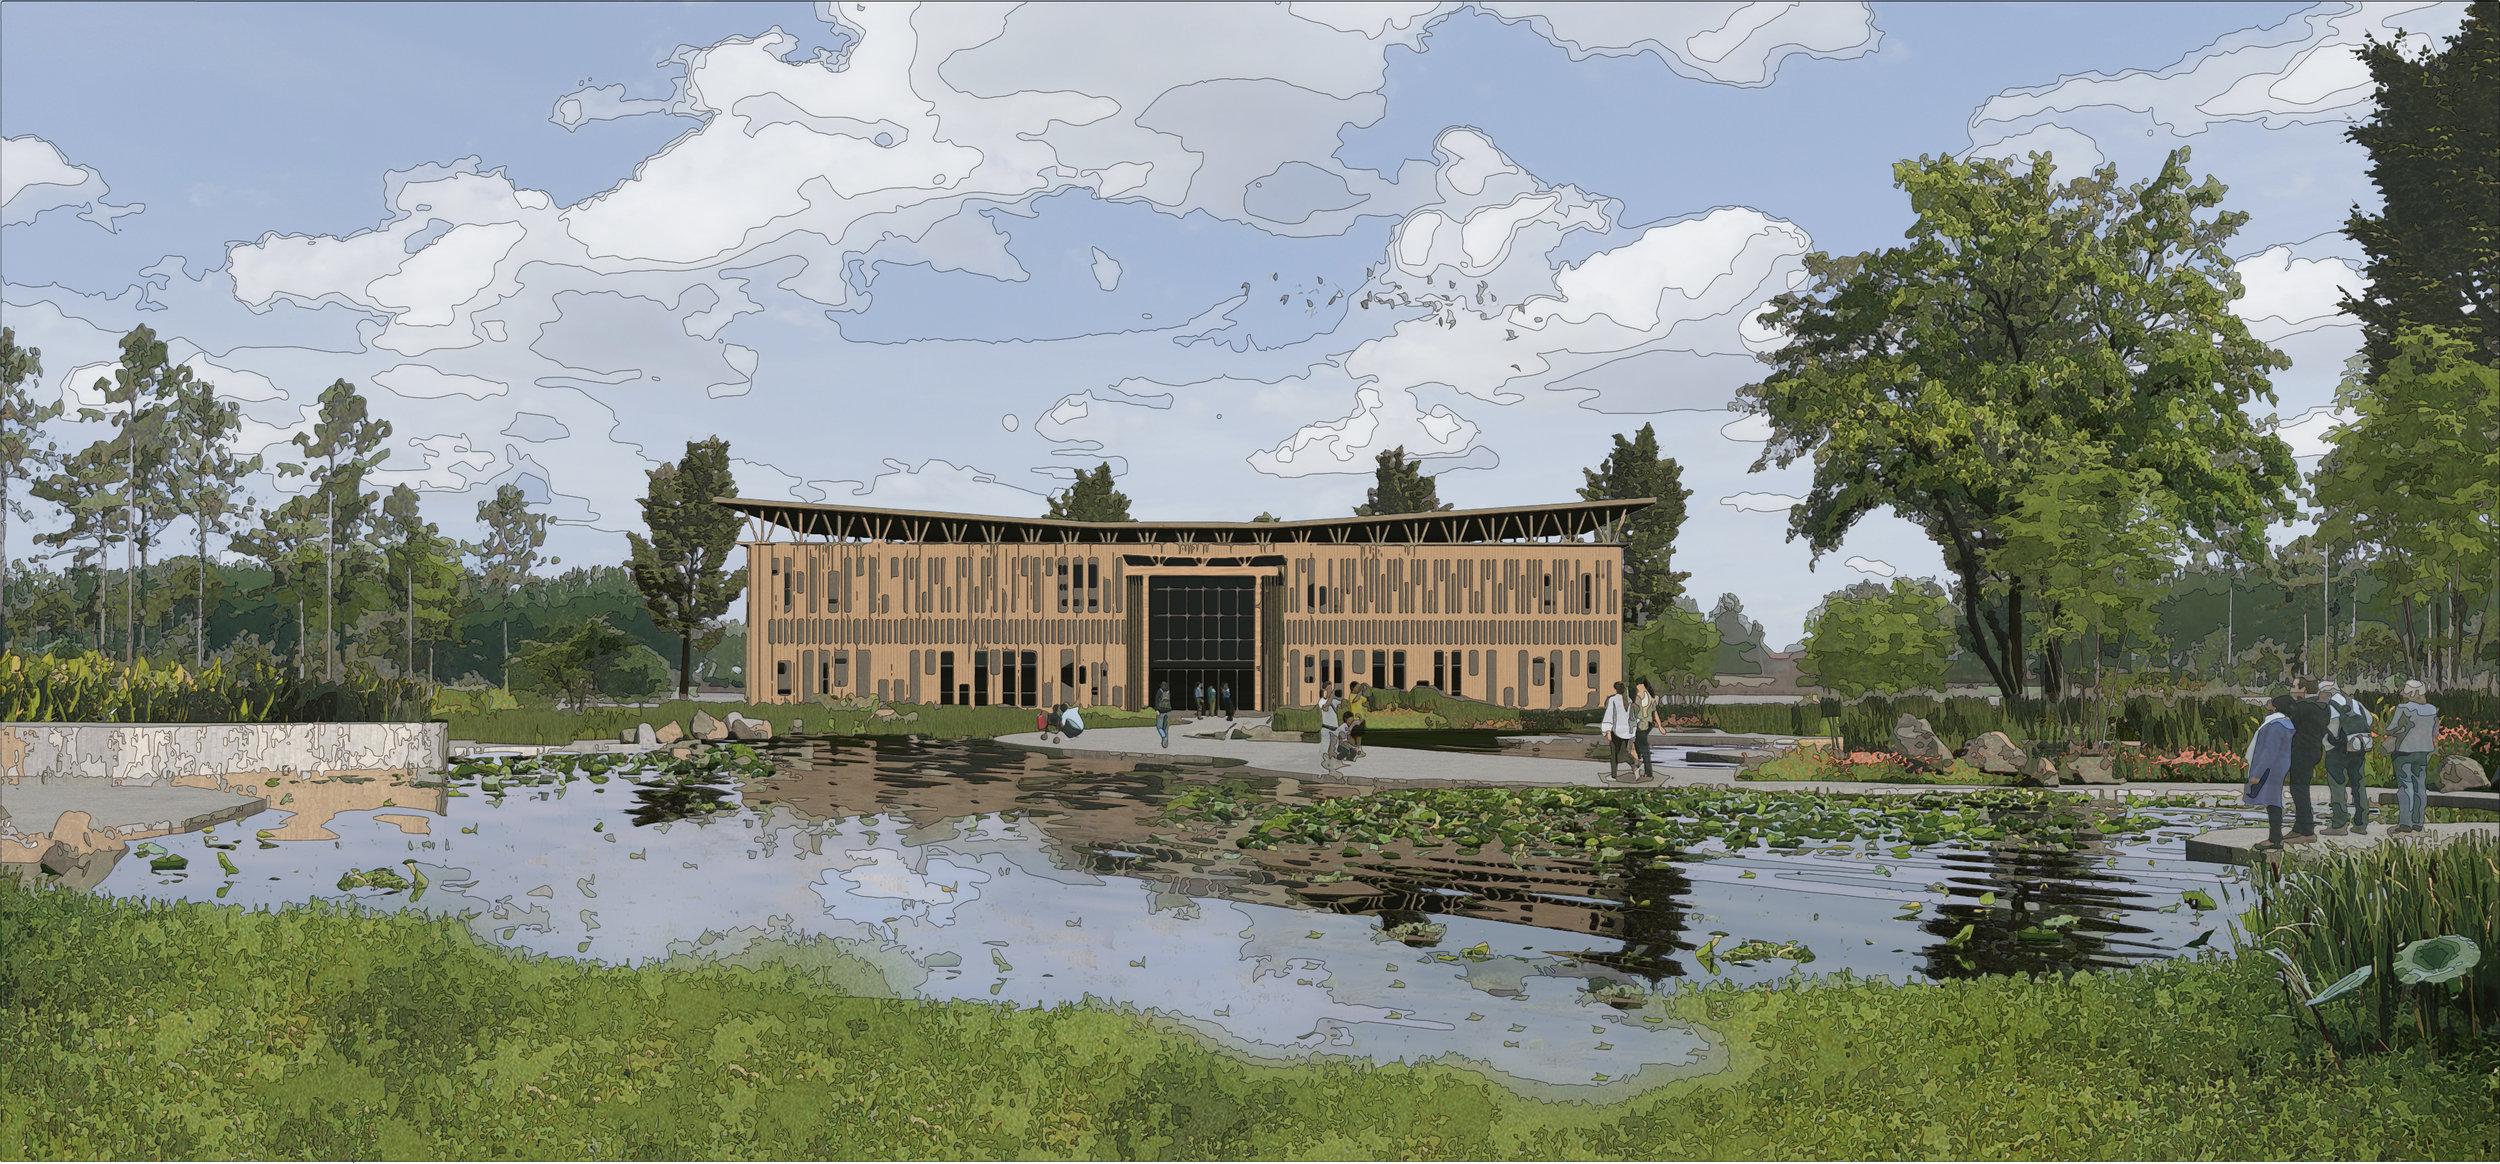 Jardin Botanique - Phytorestore, Thierry Jaquet